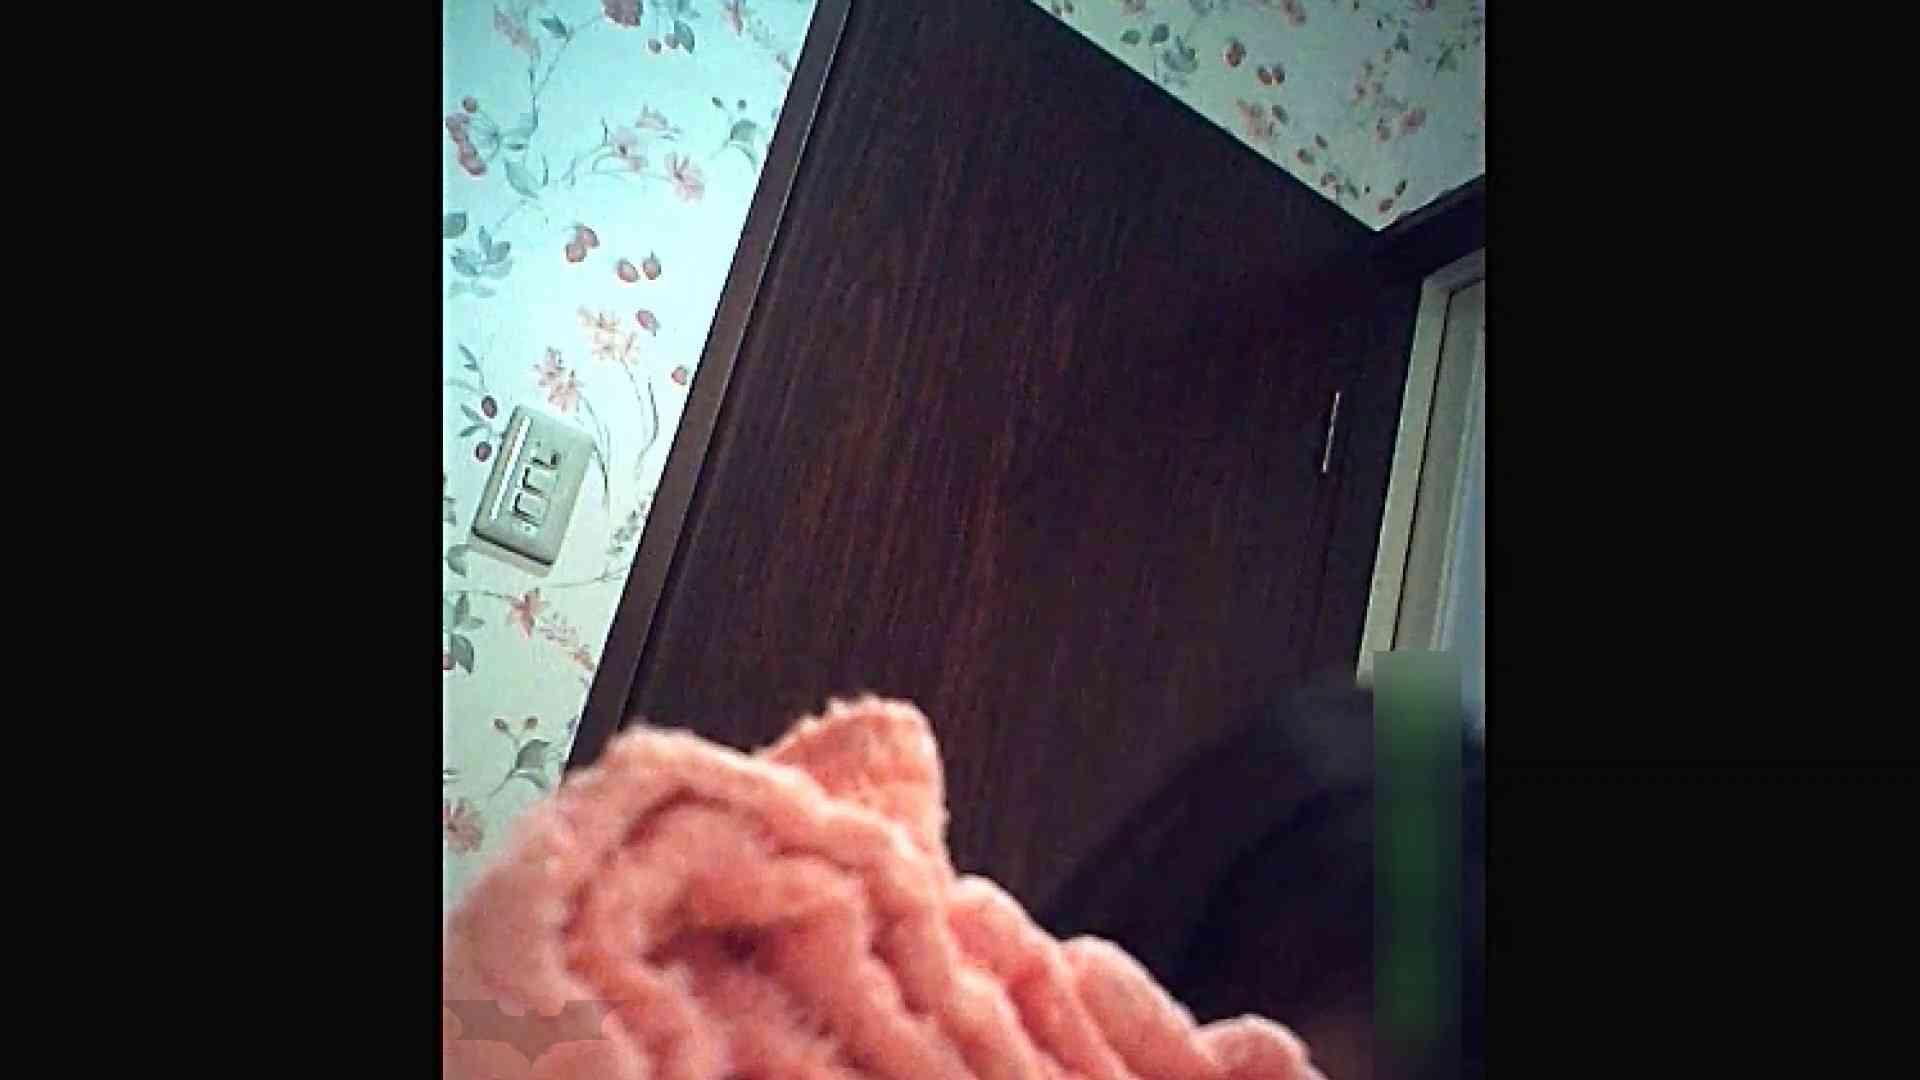 デビュー直前まみちゃん!もうすぐJDゆいちゃん!Vol.37 脱衣2人詰合せ ギャル攻め エロ画像 60画像 24